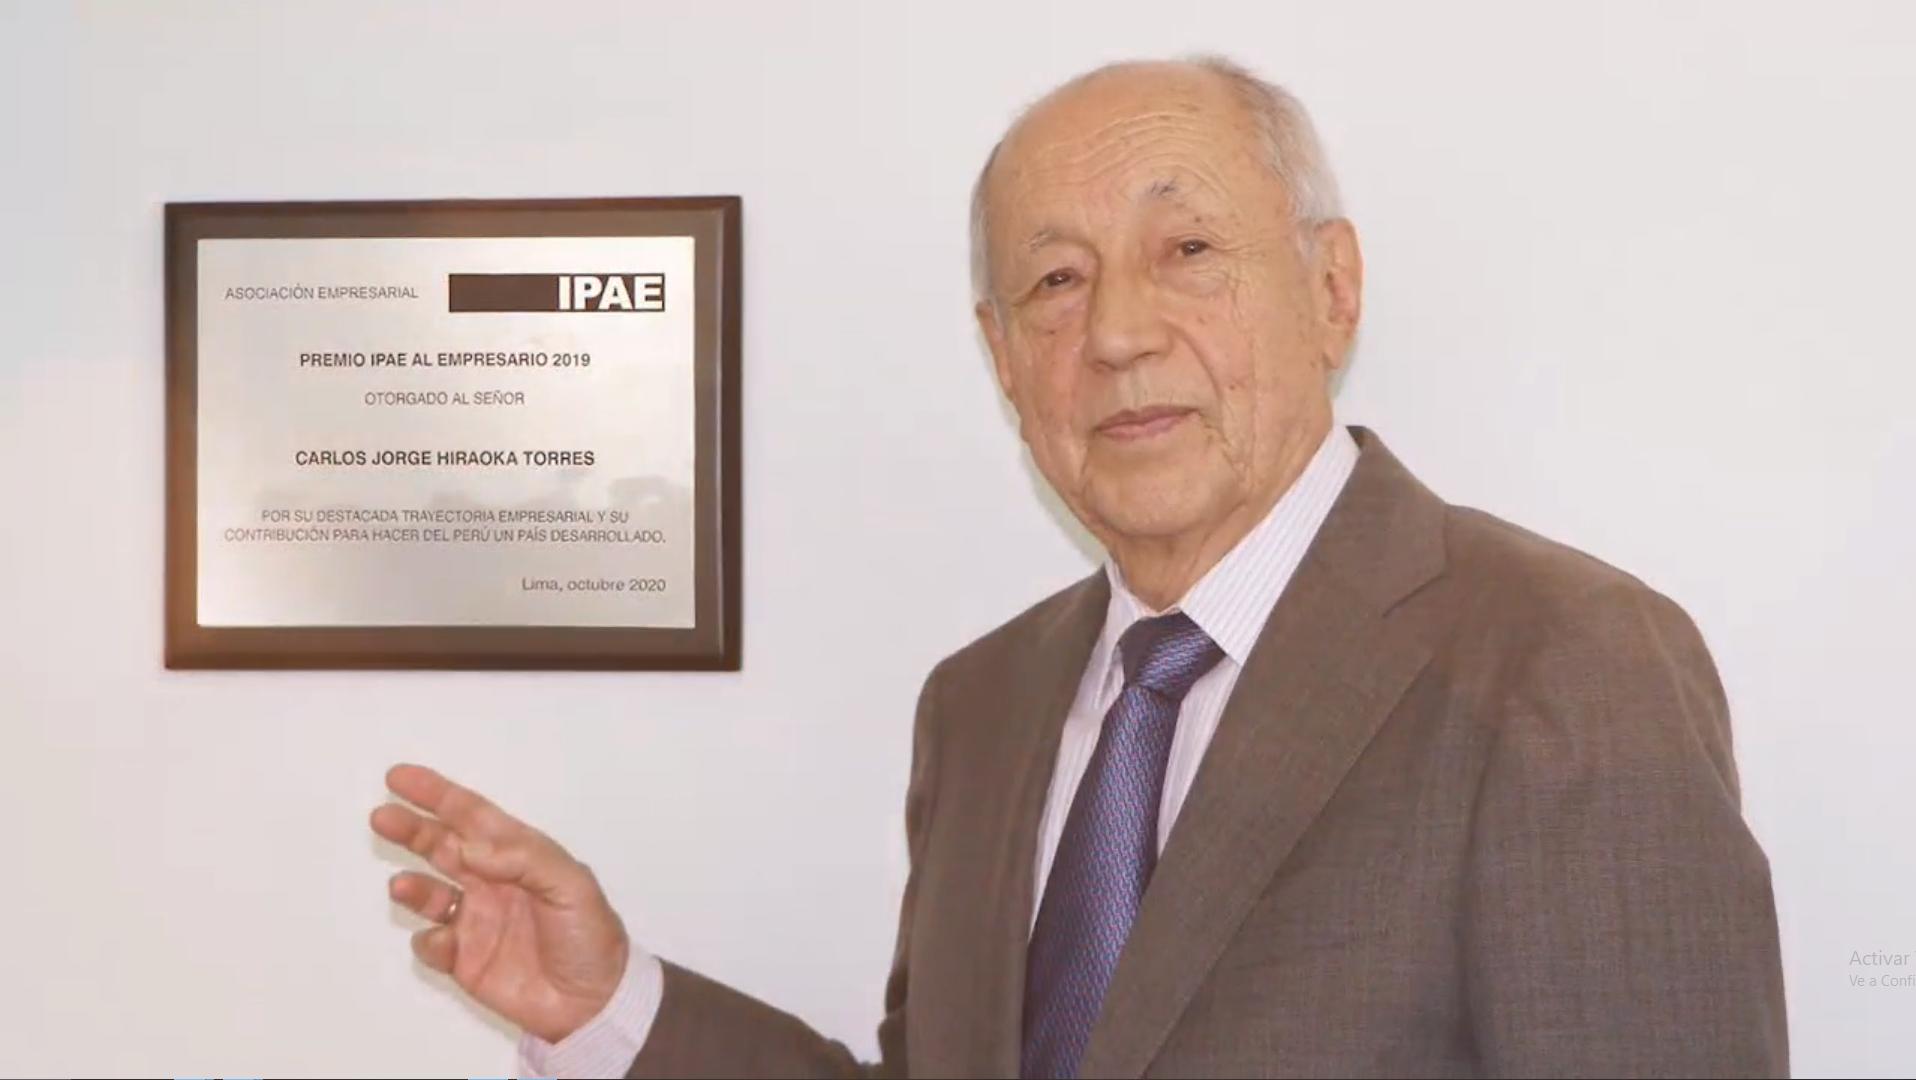 CADE Ejecutivos: Carlos Hiraoka Torres, minera Antamina y Fundación BBVA son los ganadores del Premio IPAE